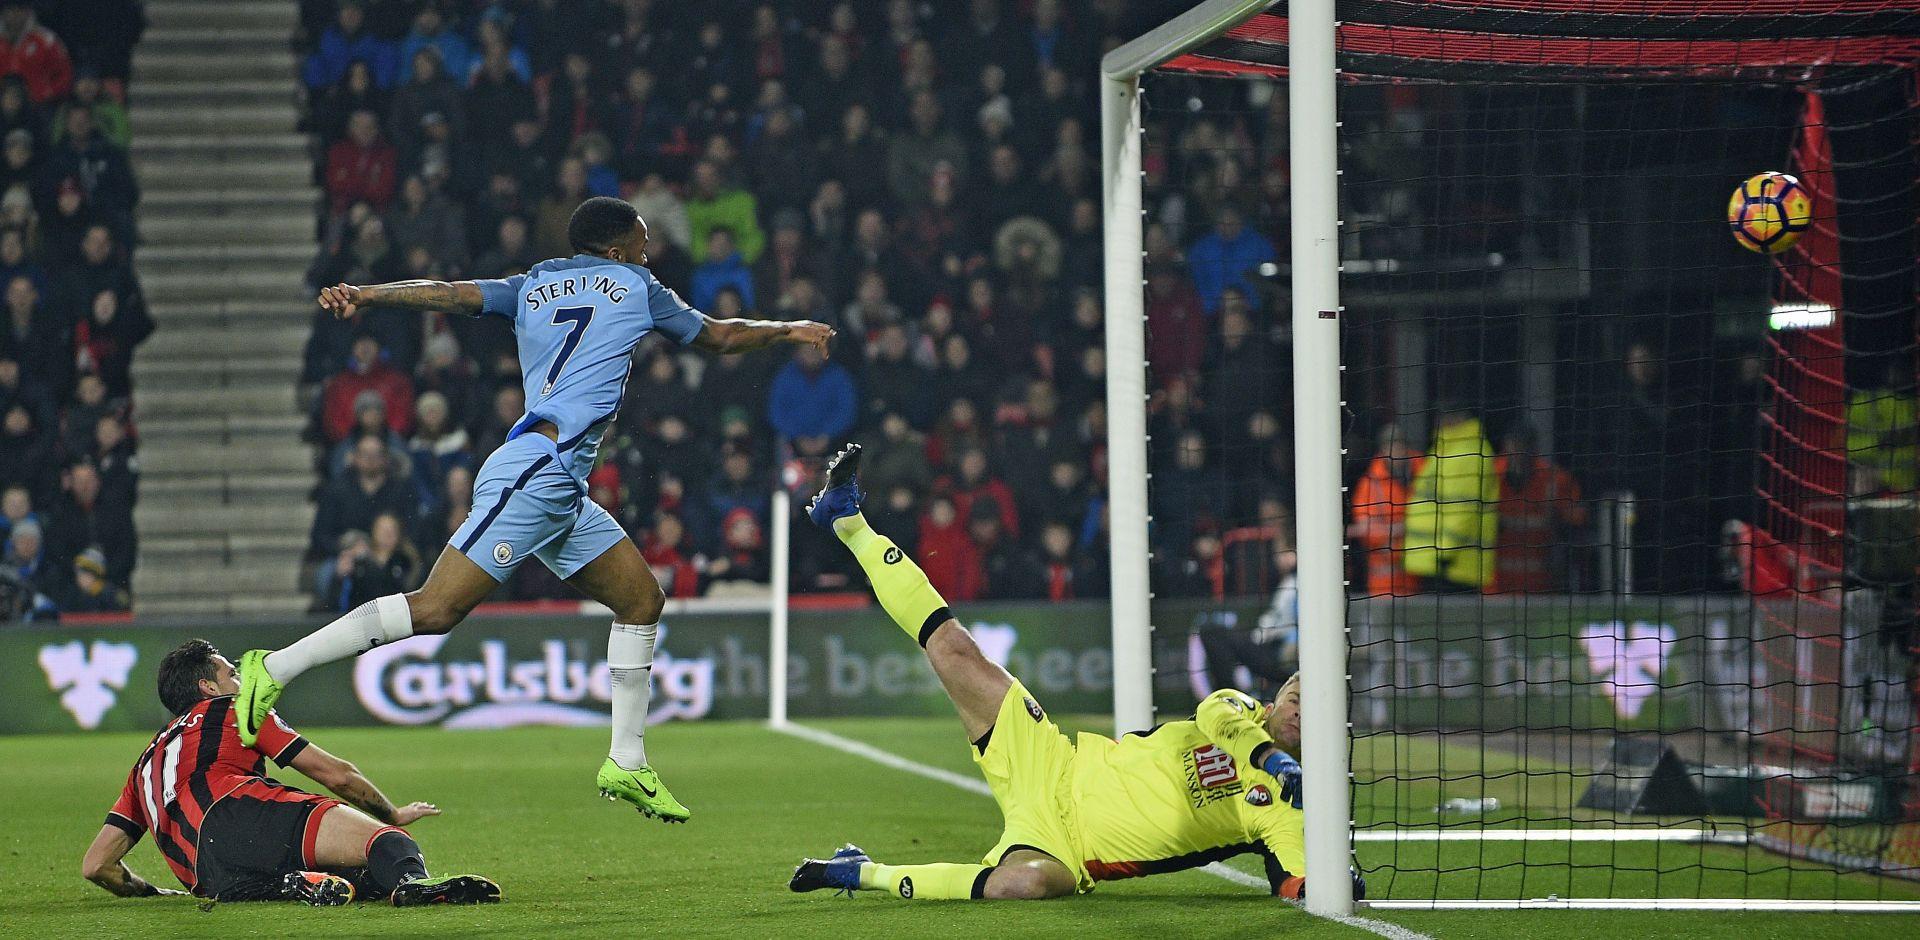 Pobjeda Manchester Cityja